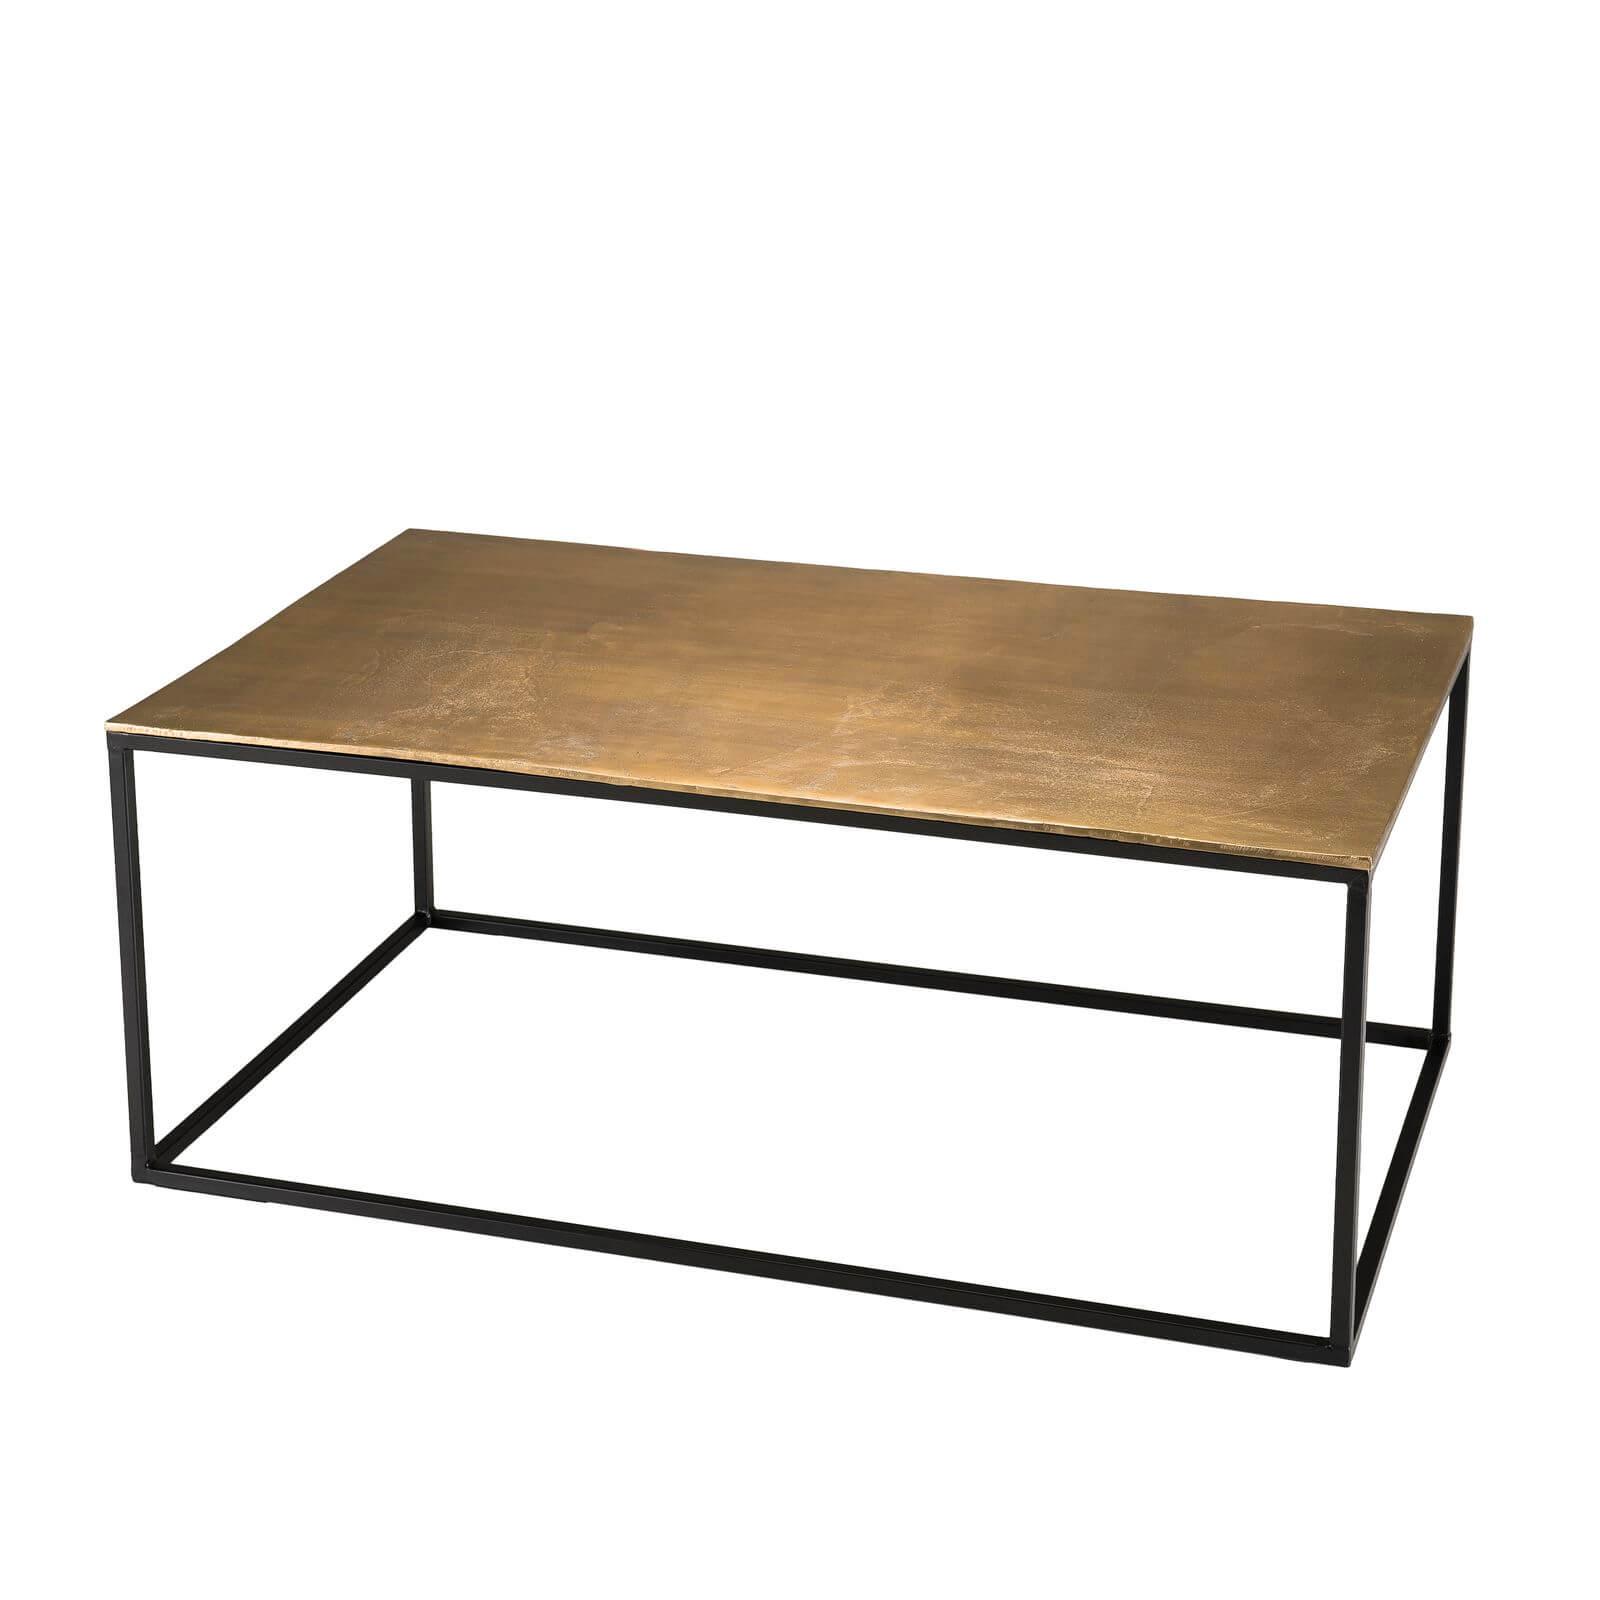 table basse rectangulaire 98x57cm aluminium dore darama bobochic